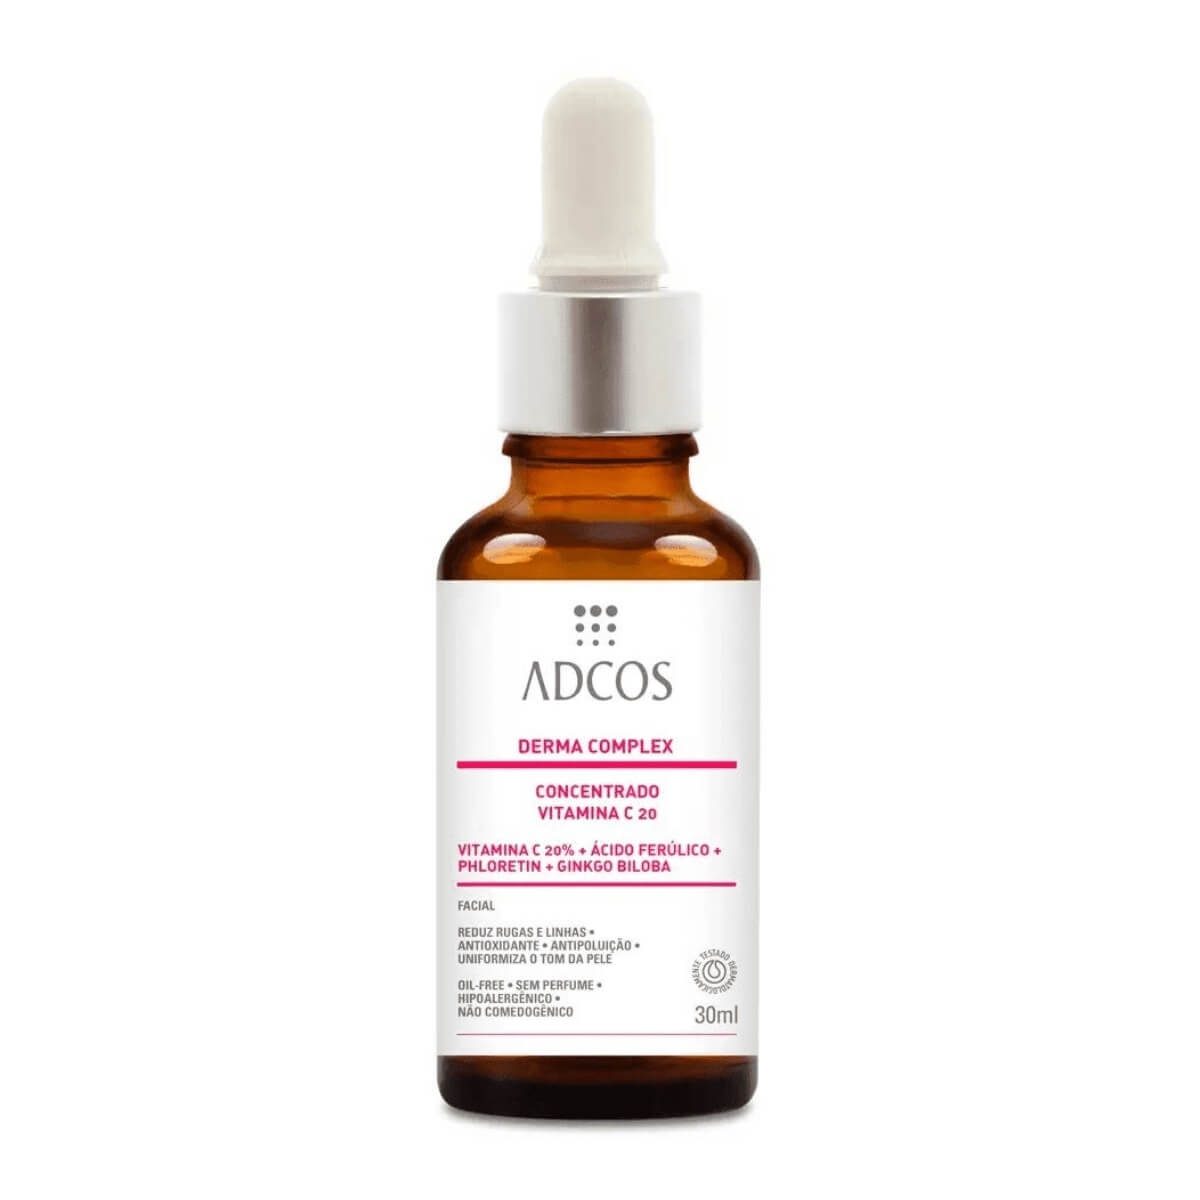 Derma Complex Adcos Concentrado Vitamina C 20 30ml